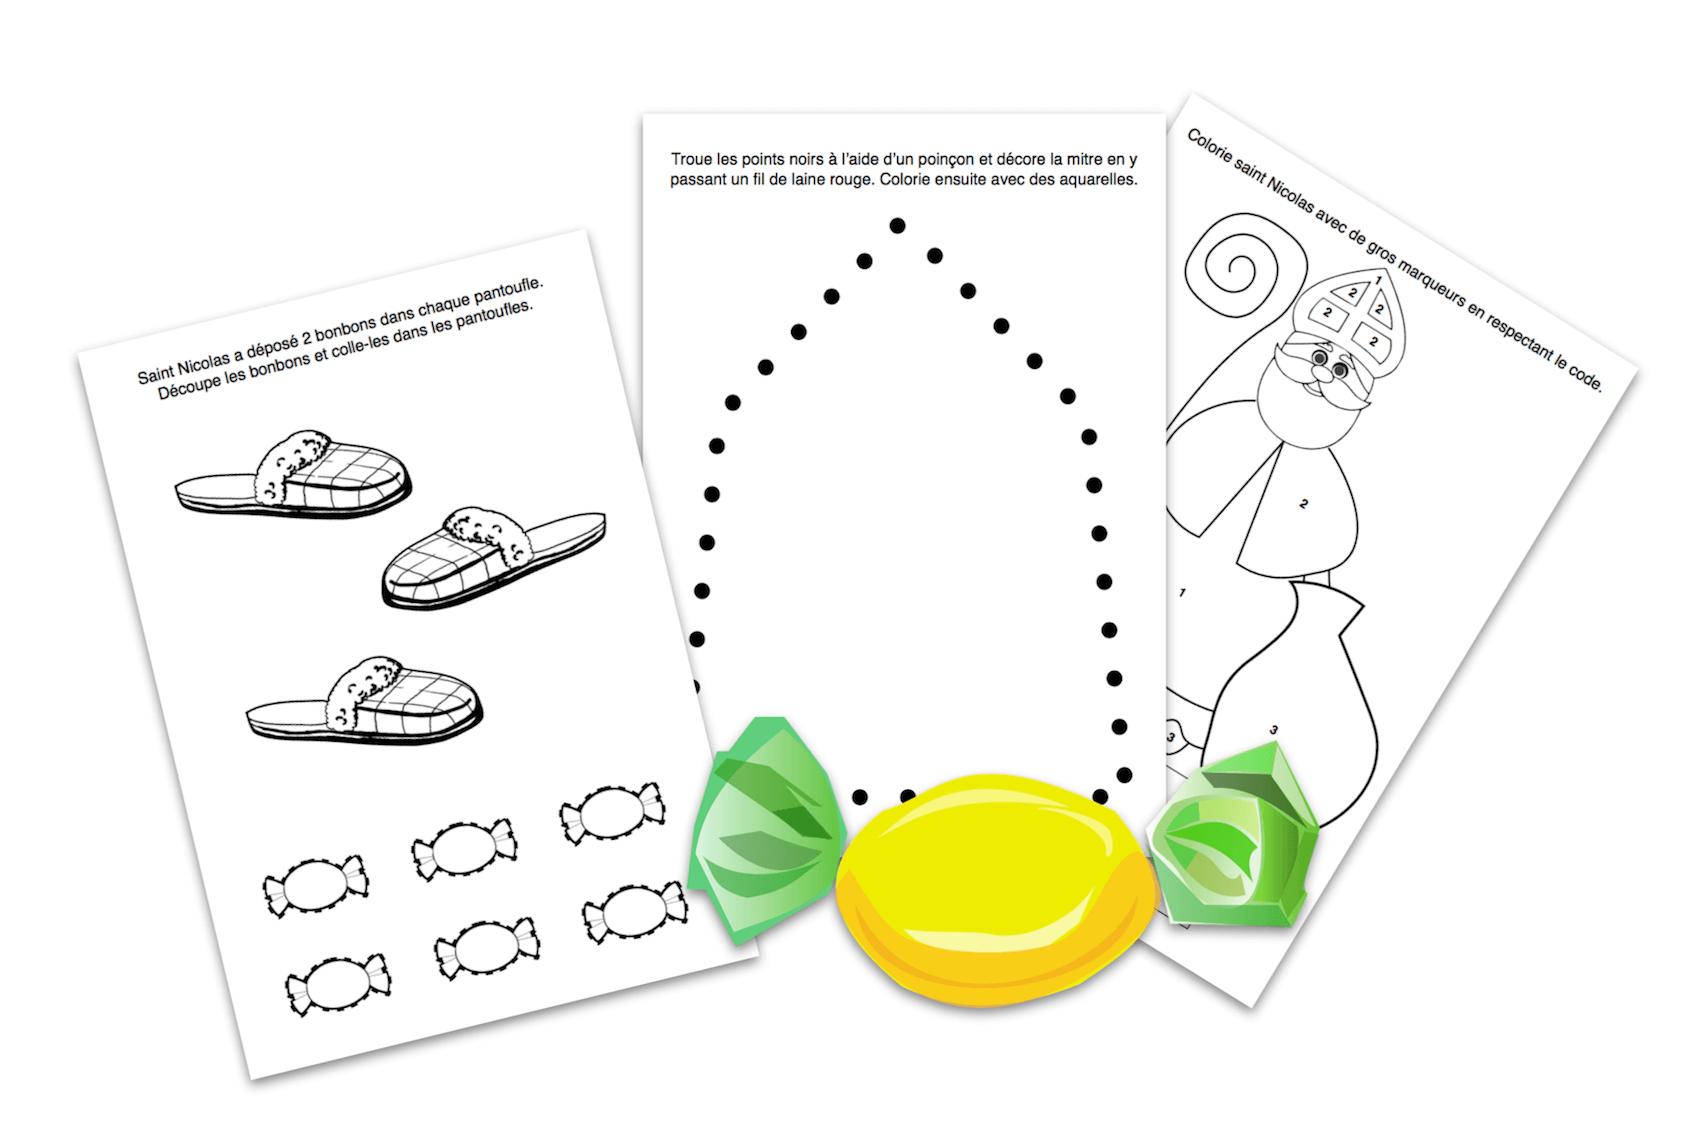 Didactécole - Exercices Pour La Classe Maternelle destiné Exercice Maternelle Petite Section Gratuit En Ligne